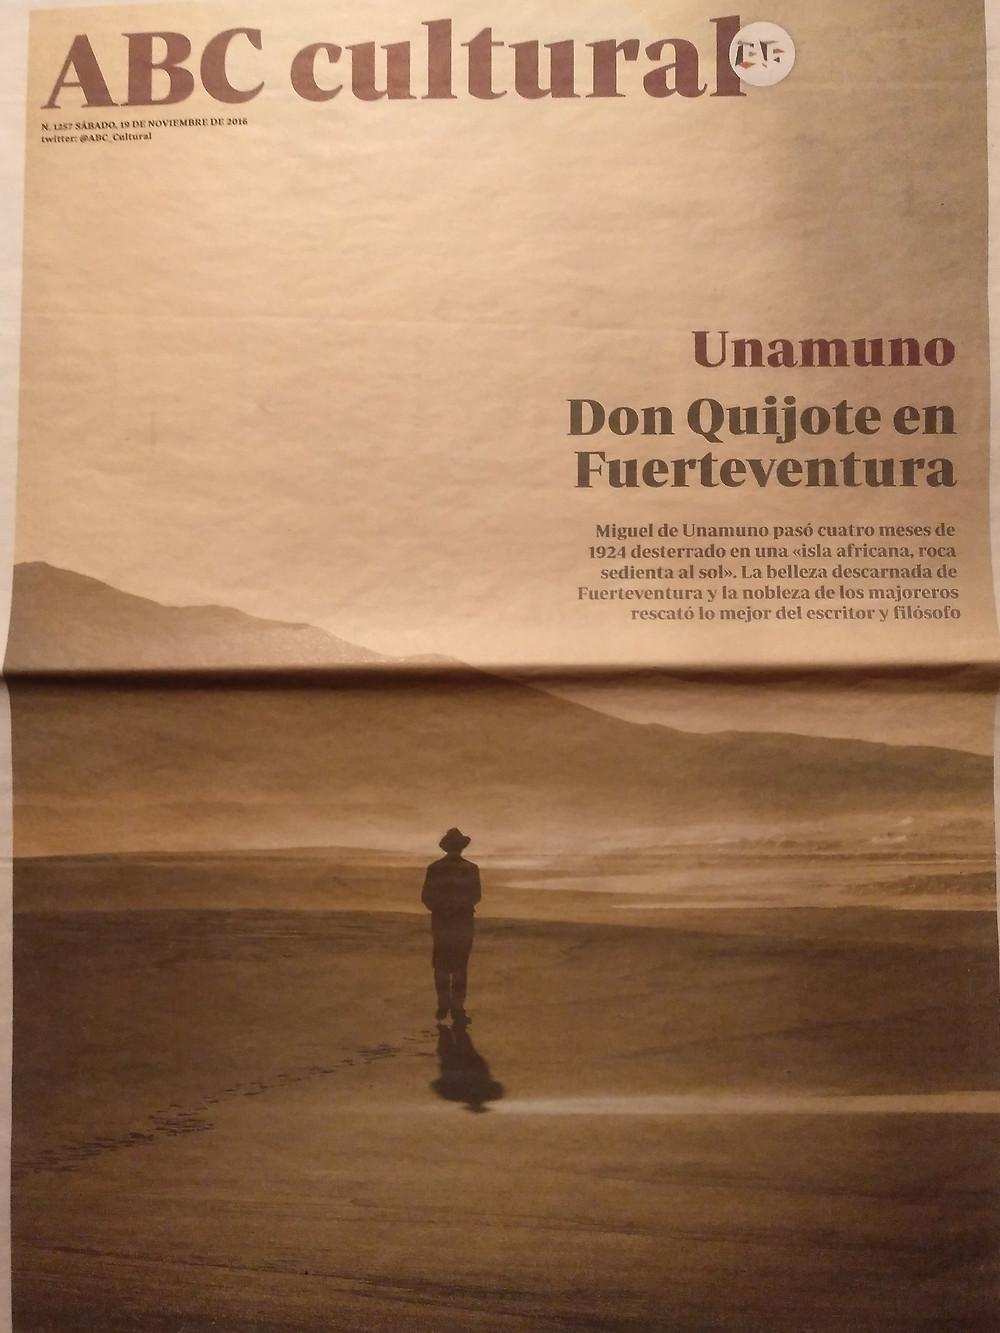 Portada del ABC Cultural sobre la película <La isla del viento> y el destierro de Unamuno.